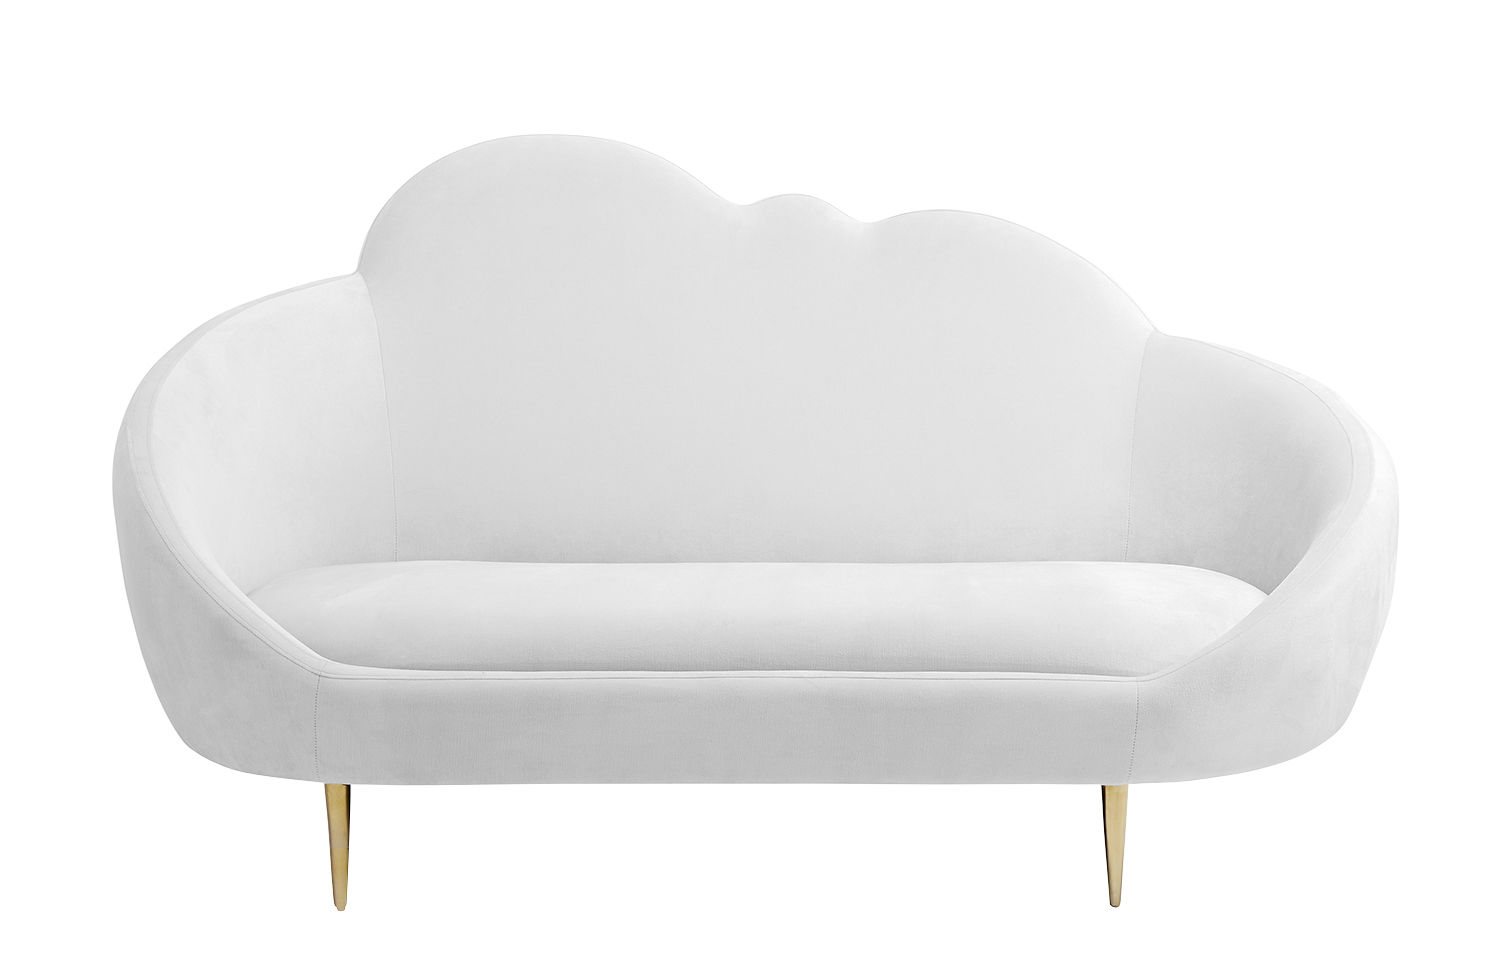 Furniture - Sofas - Ether Settee Straight sofa - / Velvet & brass - L 176 cm by Jonathan Adler - White / Brass - Foam, Polished brass, Velvet